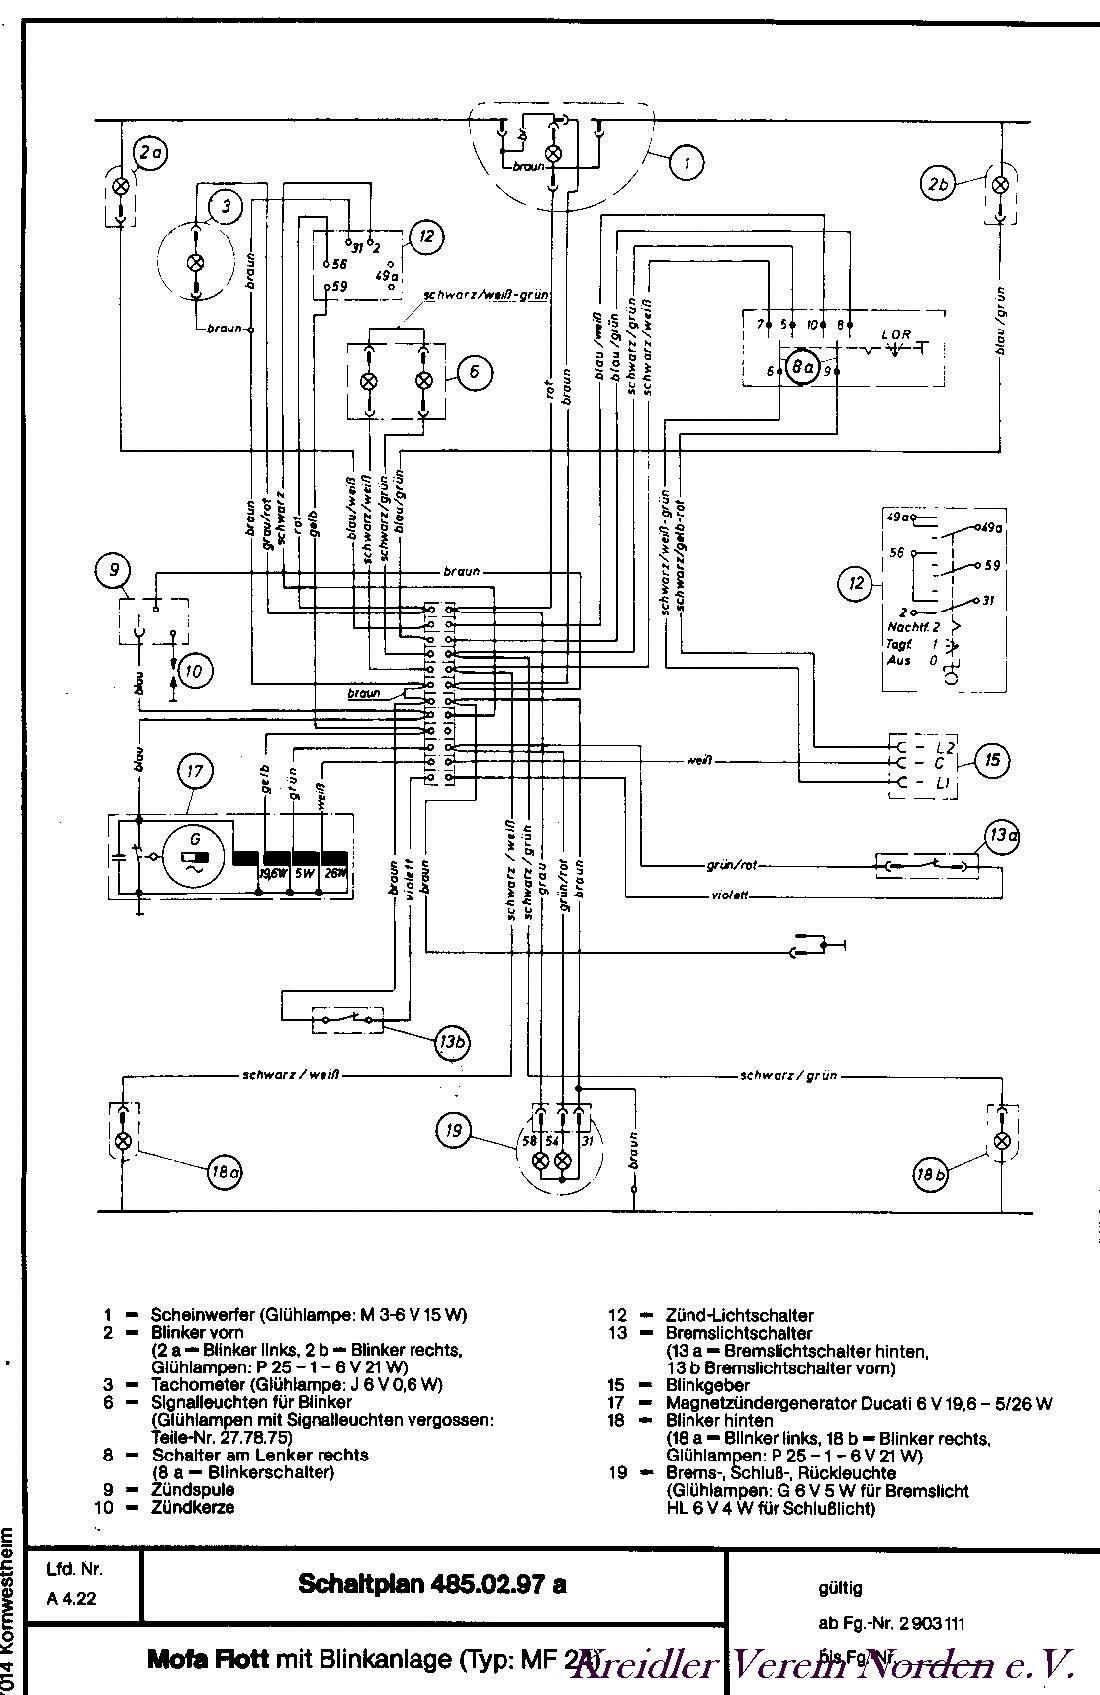 Ungewöhnlich Gm Blinkerschalter Schaltplan Galerie - Der Schaltplan ...